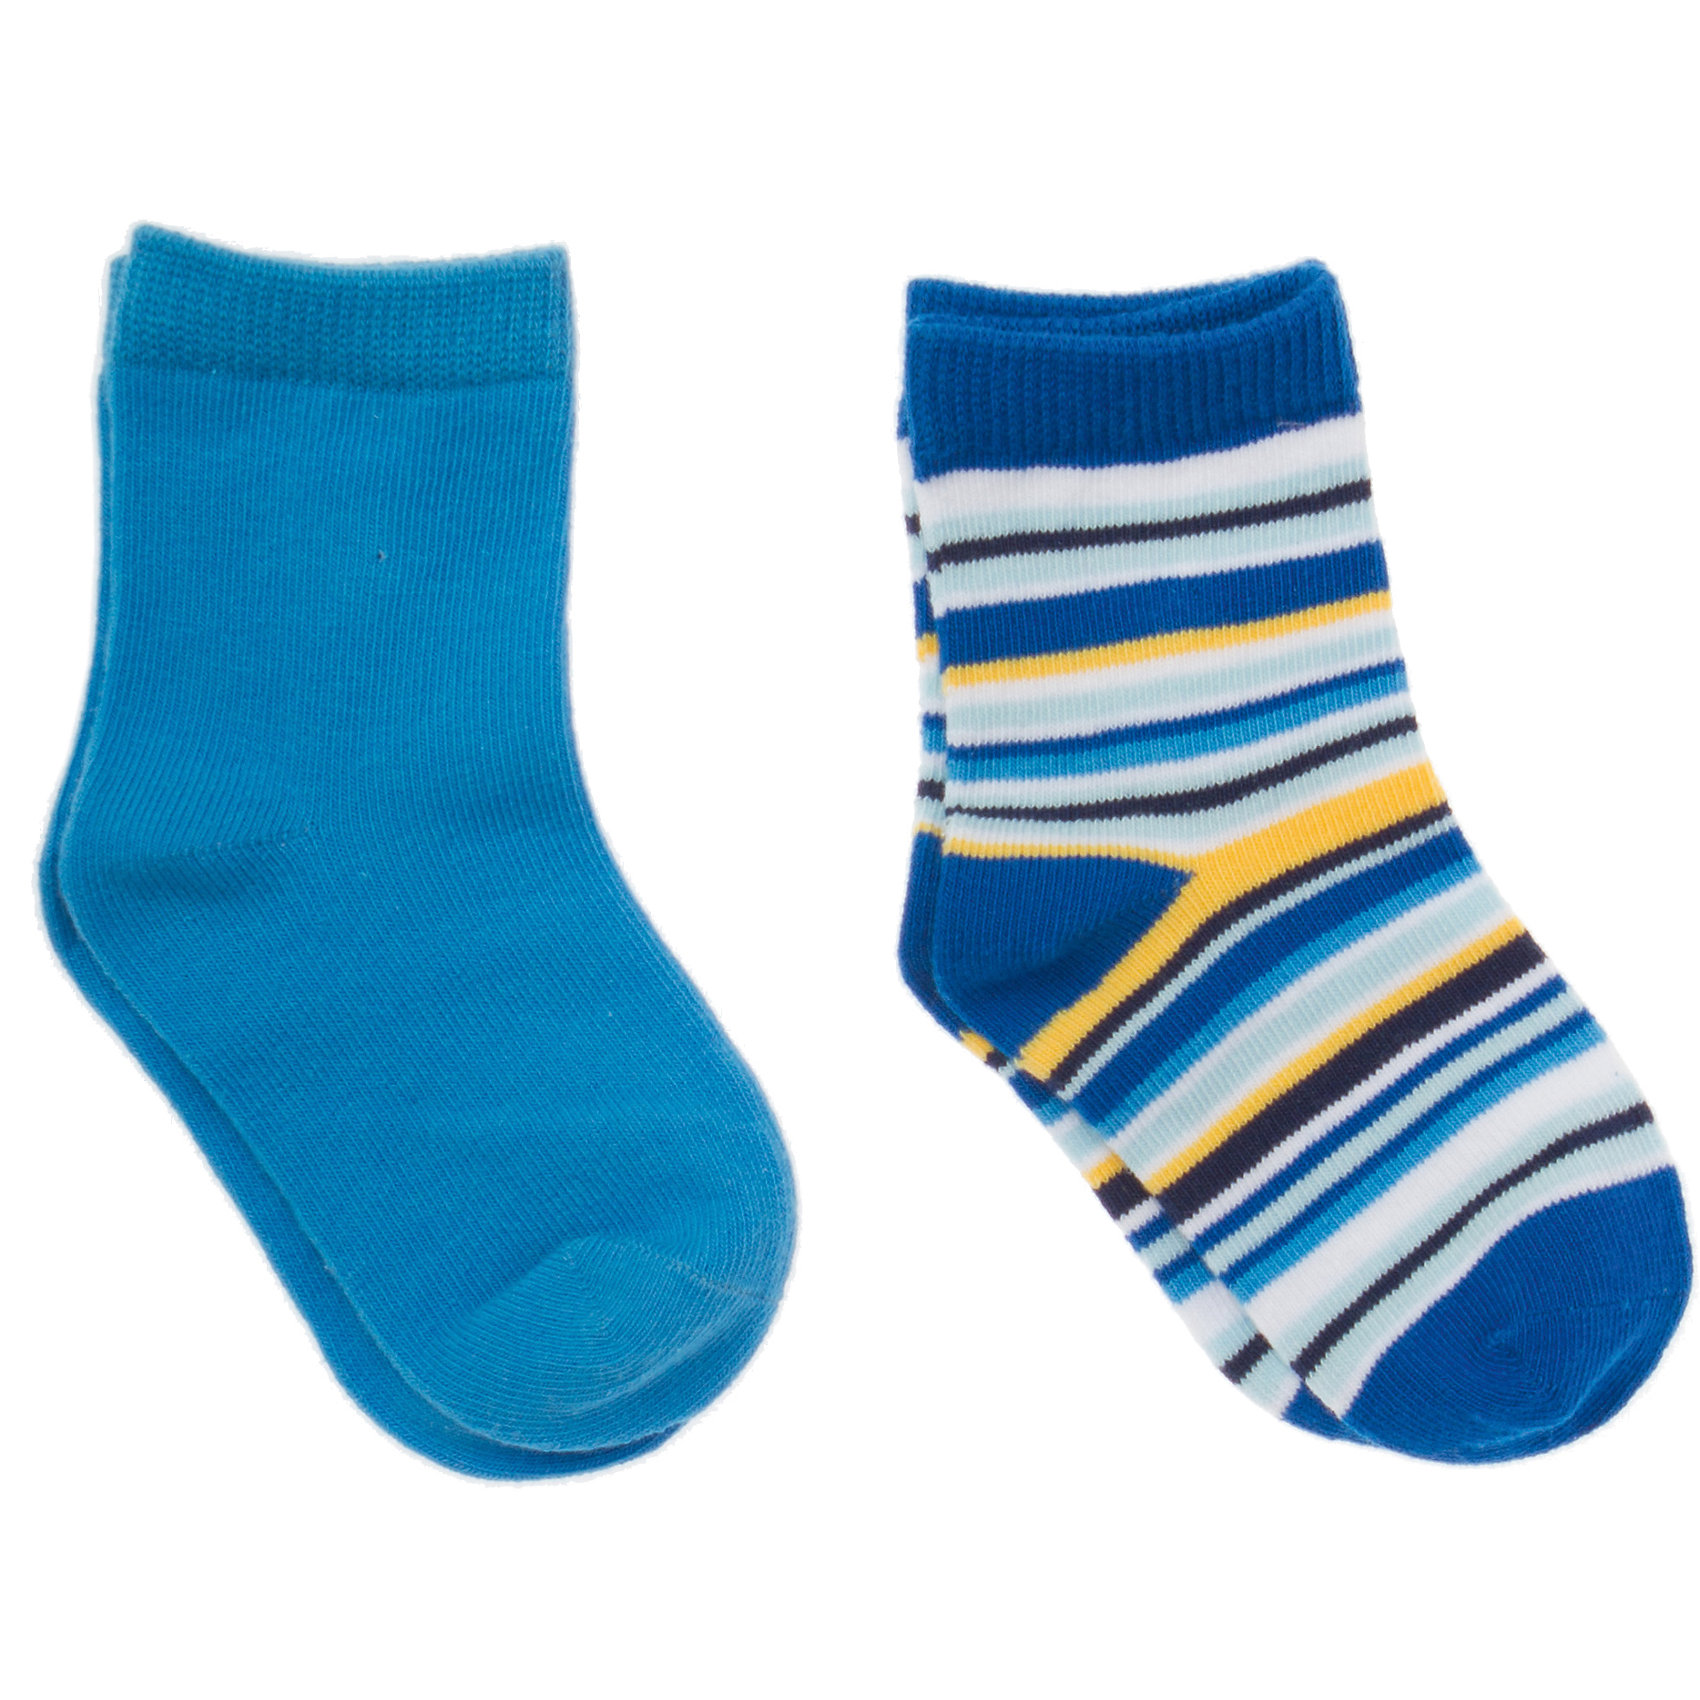 Носки (2 шт.) для мальчика PlayTodayНоски<br>Носки для мальчика PlayToday <br><br>Состав: 75% хлопок, 22% нейлон, 3% эластан <br><br>Комплект из двух пар трикотажных носочков для малыша. <br>Верх на мягкой эластичной резинке.<br><br>Ширина мм: 87<br>Глубина мм: 10<br>Высота мм: 105<br>Вес г: 115<br>Цвет: синий<br>Возраст от месяцев: 9<br>Возраст до месяцев: 15<br>Пол: Мужской<br>Возраст: Детский<br>Размер: 11,12<br>SKU: 4502879